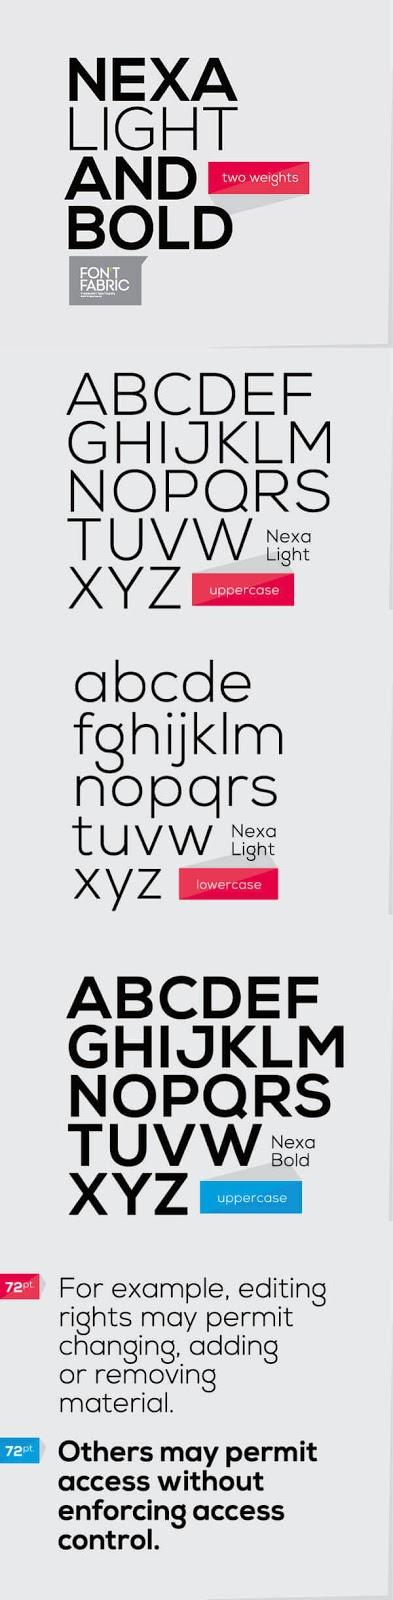 Download Gratis Sans Serif Komersial Font - Nexa Typeface